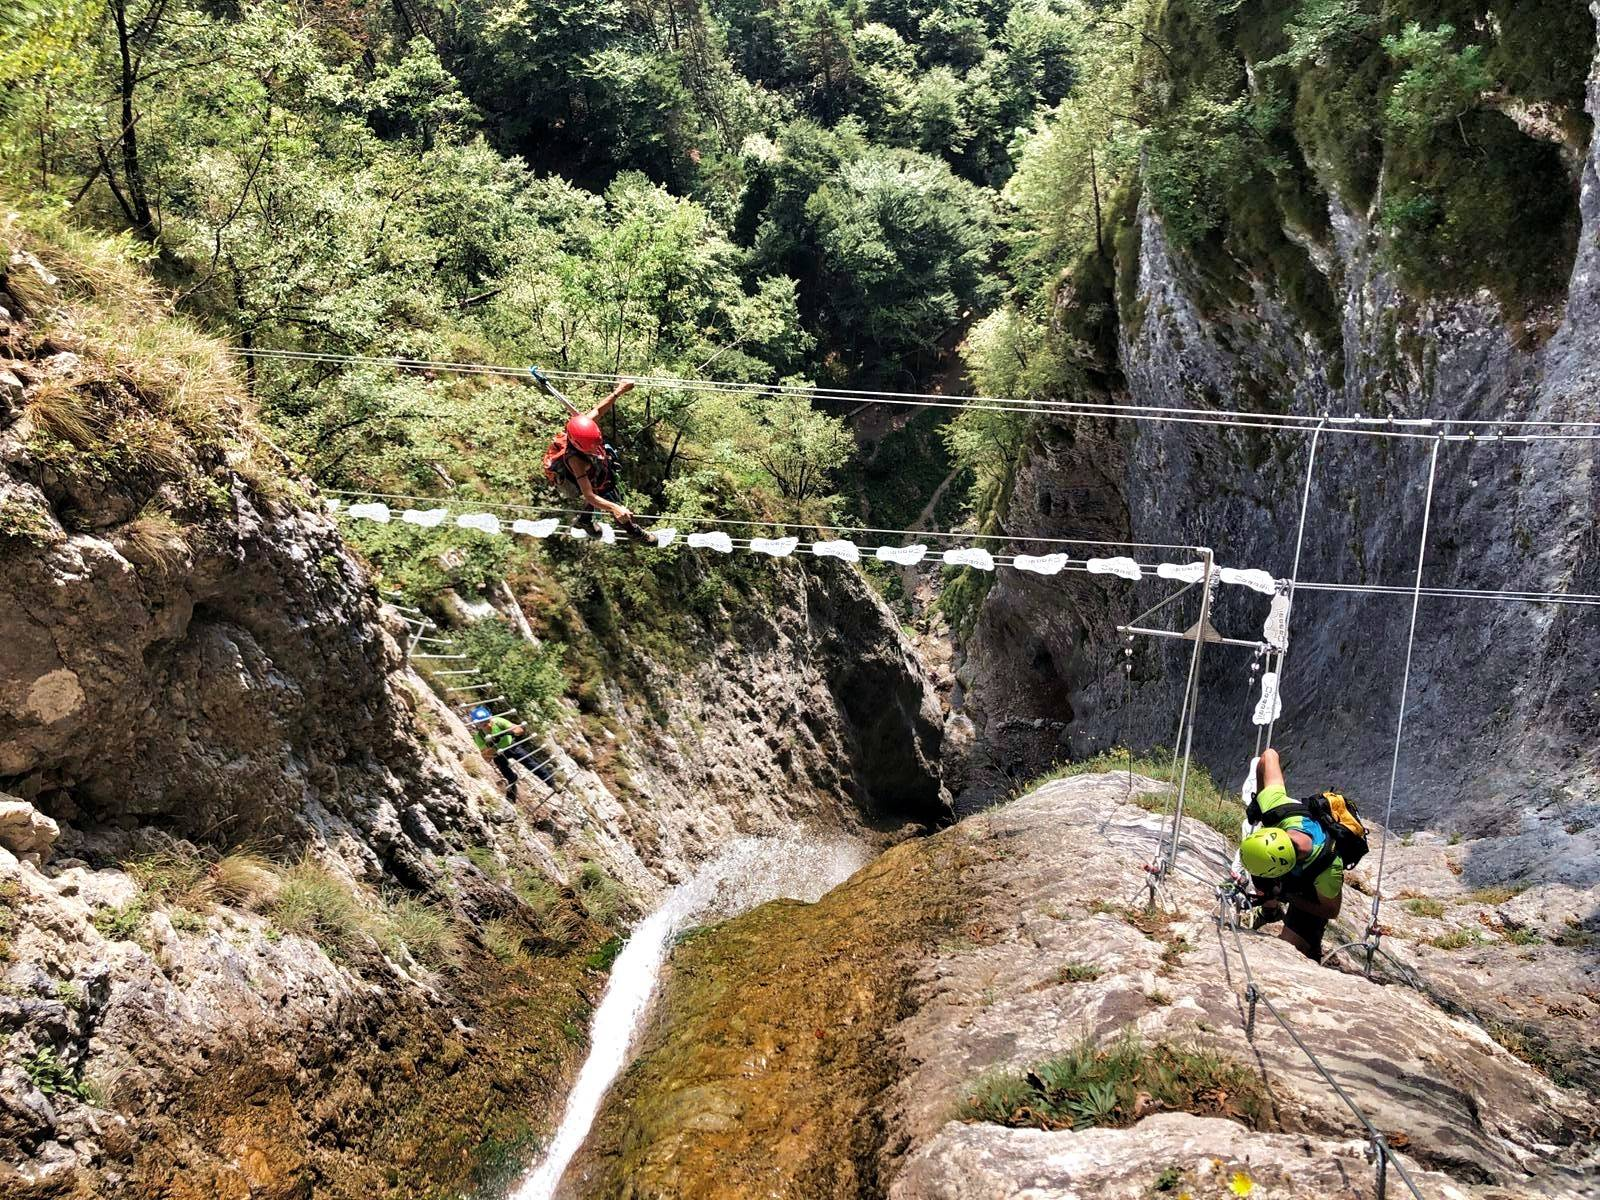 이탈리아에 있는 발바닥 모양의 다리 | 인스티즈